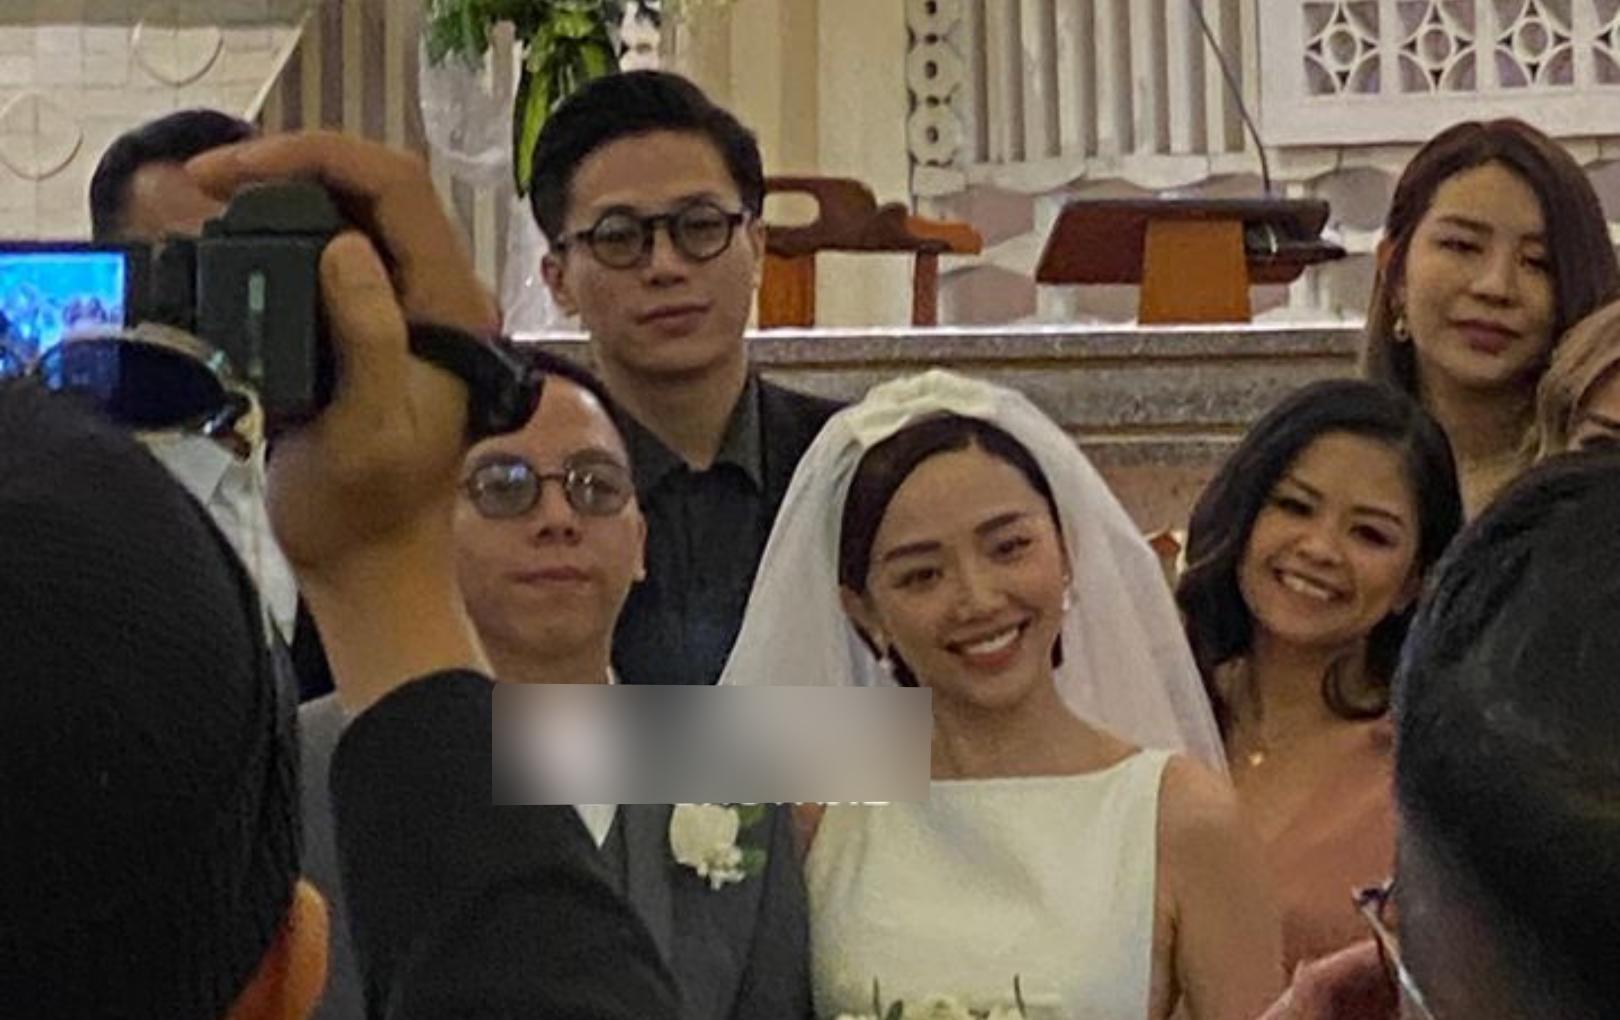 """Tóc Tiên tiết lộ lý do làm đám cưới bí mật: """"Tôi muốn giữ những gì đơn giản, bình dị nhất thuộc về mình"""""""